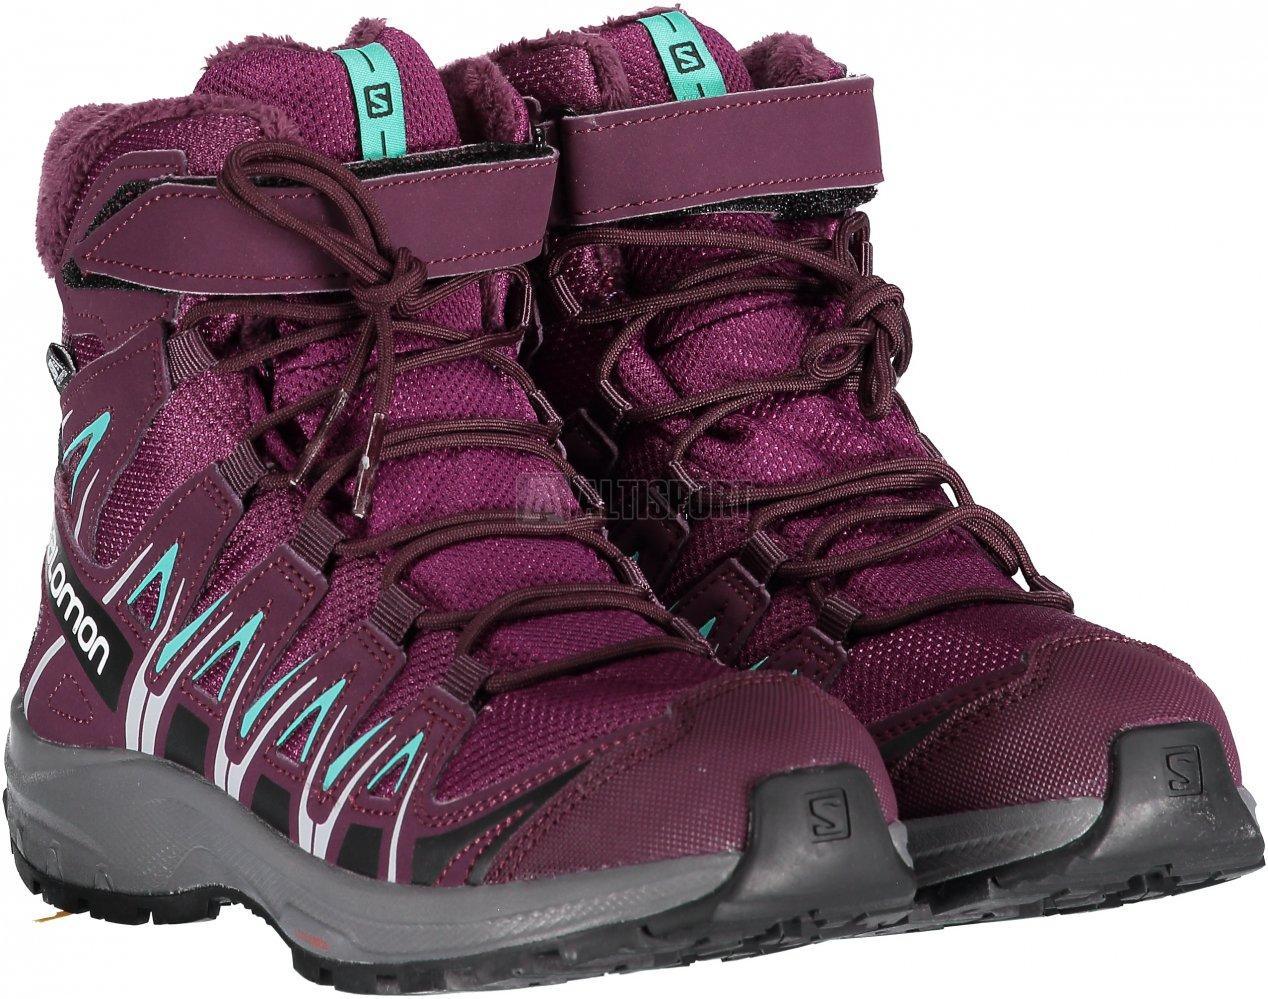 Dětské zimní boty SALOMON XA PRO 3D WINTER TS CSWP J L40651000 DARK  PURPLE POTENT 5431e54b3da